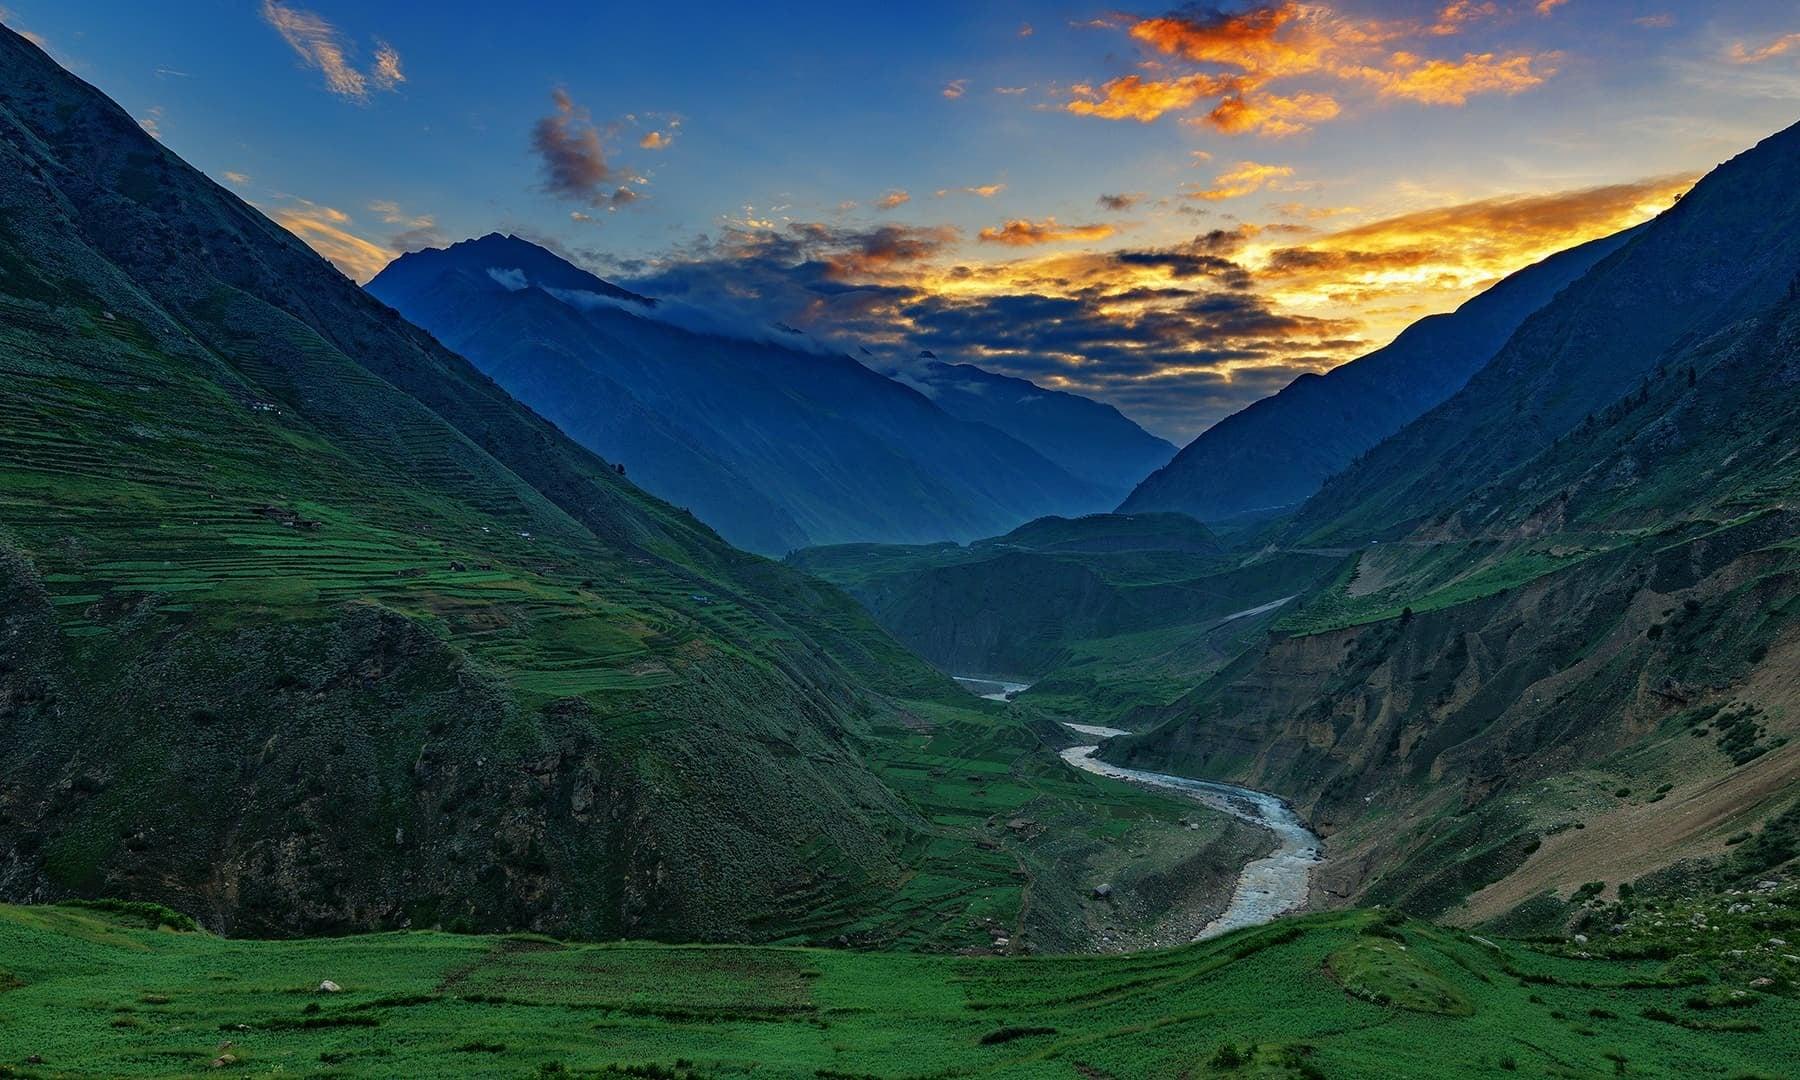 Morning in Naran Valley. — Photo by Syed Mehdi Bukhari